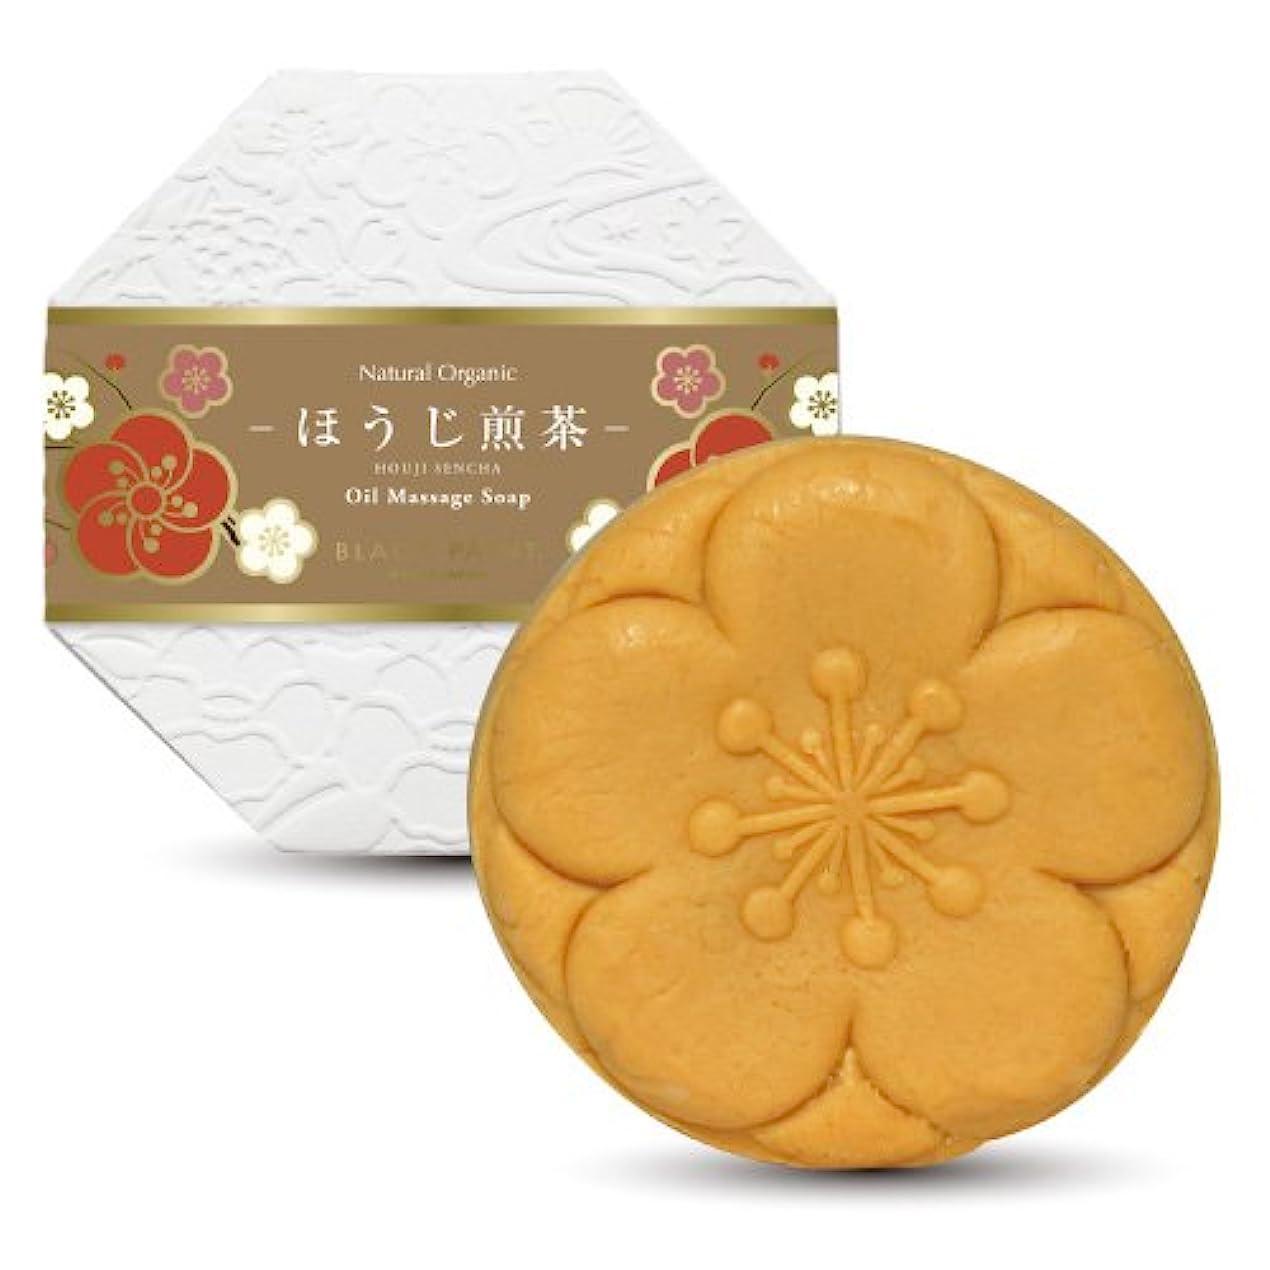 ピンク軽く影響力のある京のお茶石鹸 ほうじ煎茶 120g 塗る石鹸